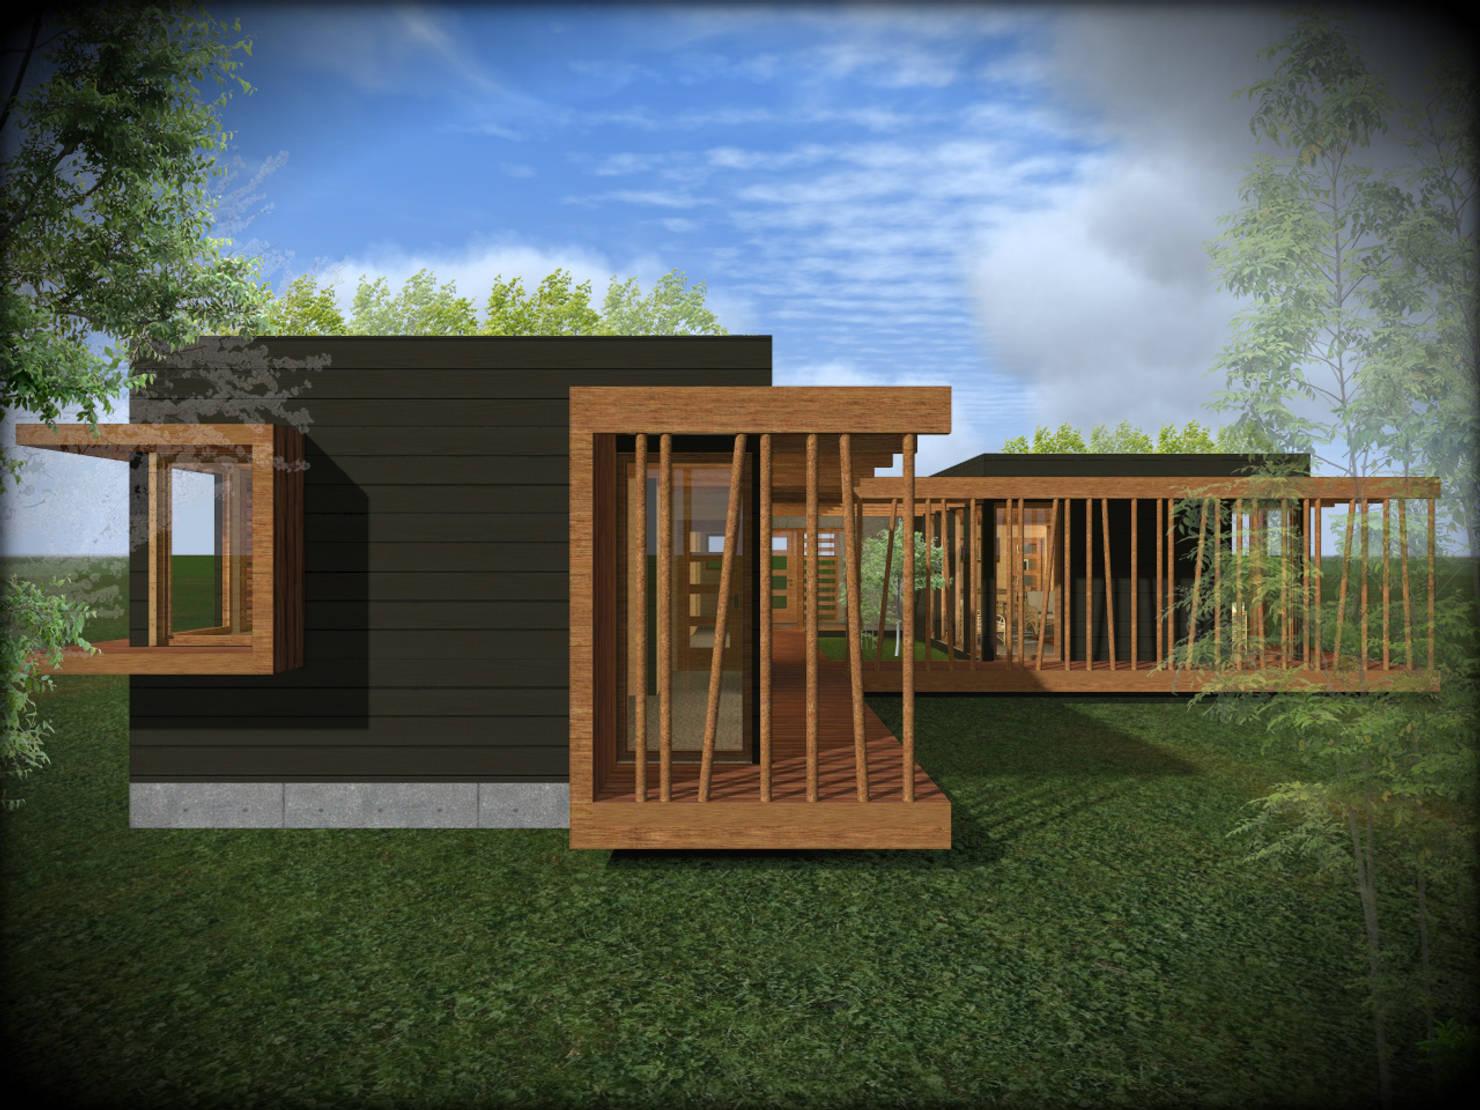 Proyecto de casa de madera con estilo rústico